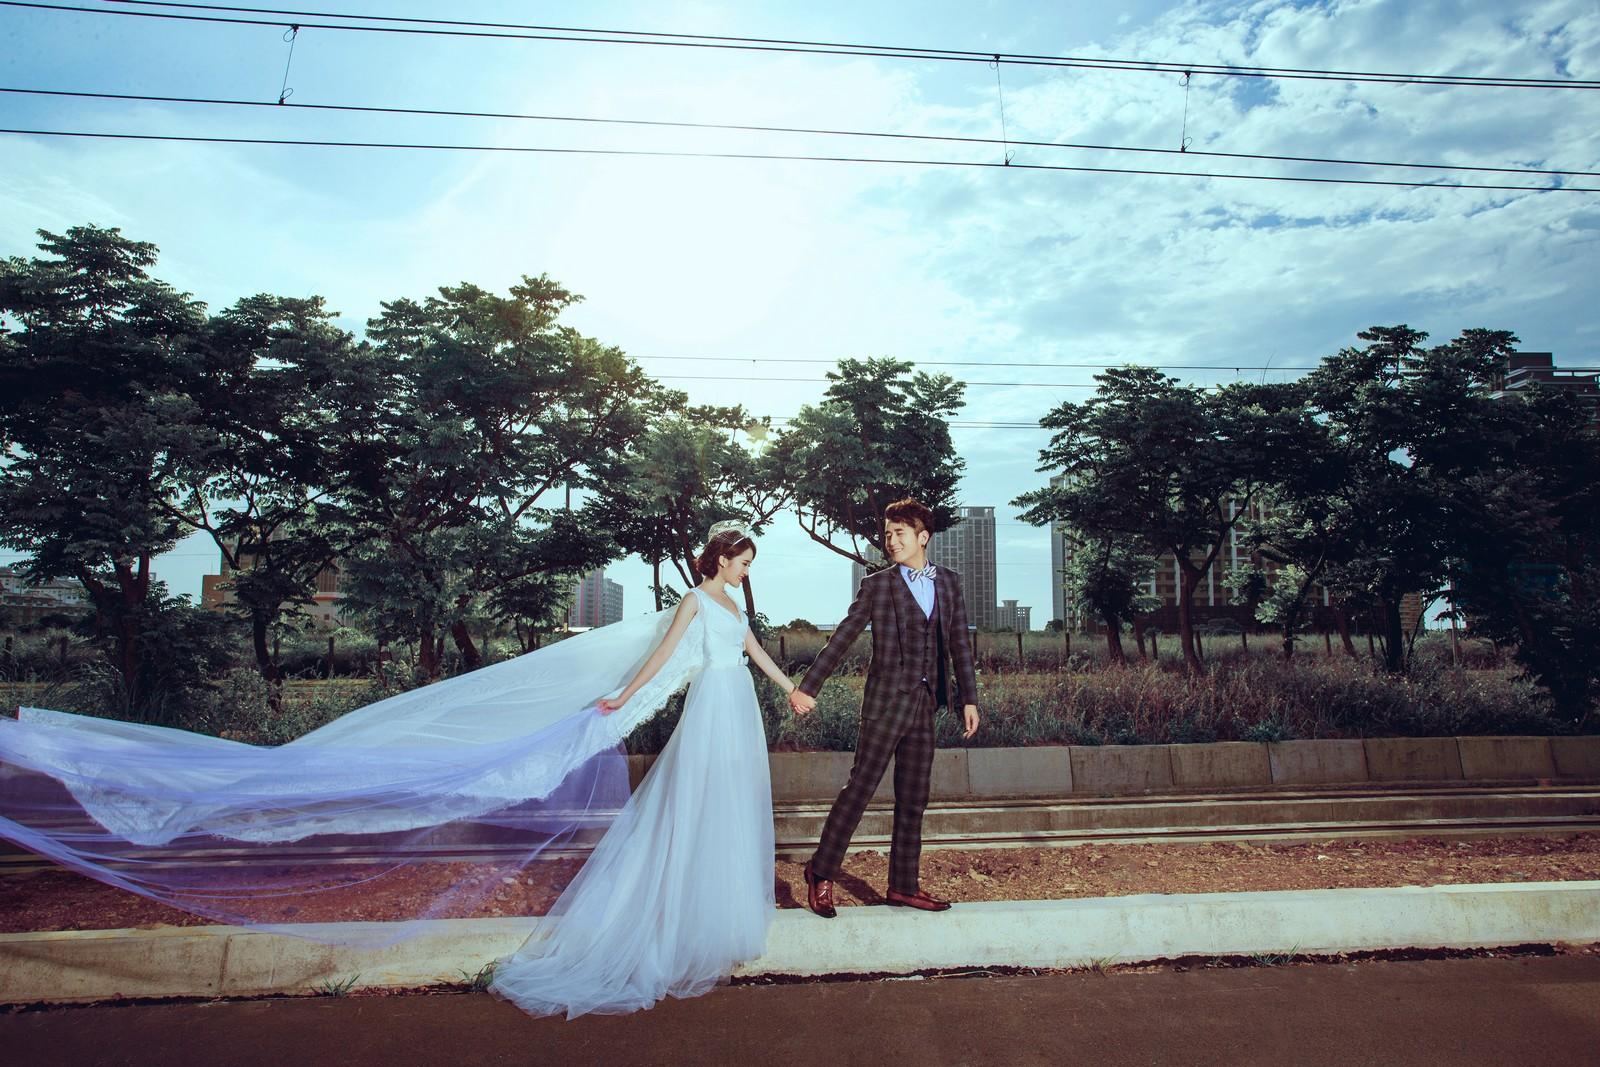 拍婚紗照,婚紗照風格,婚紗照價格,婚紗攝影價格,拍婚紗價格,海外旅拍